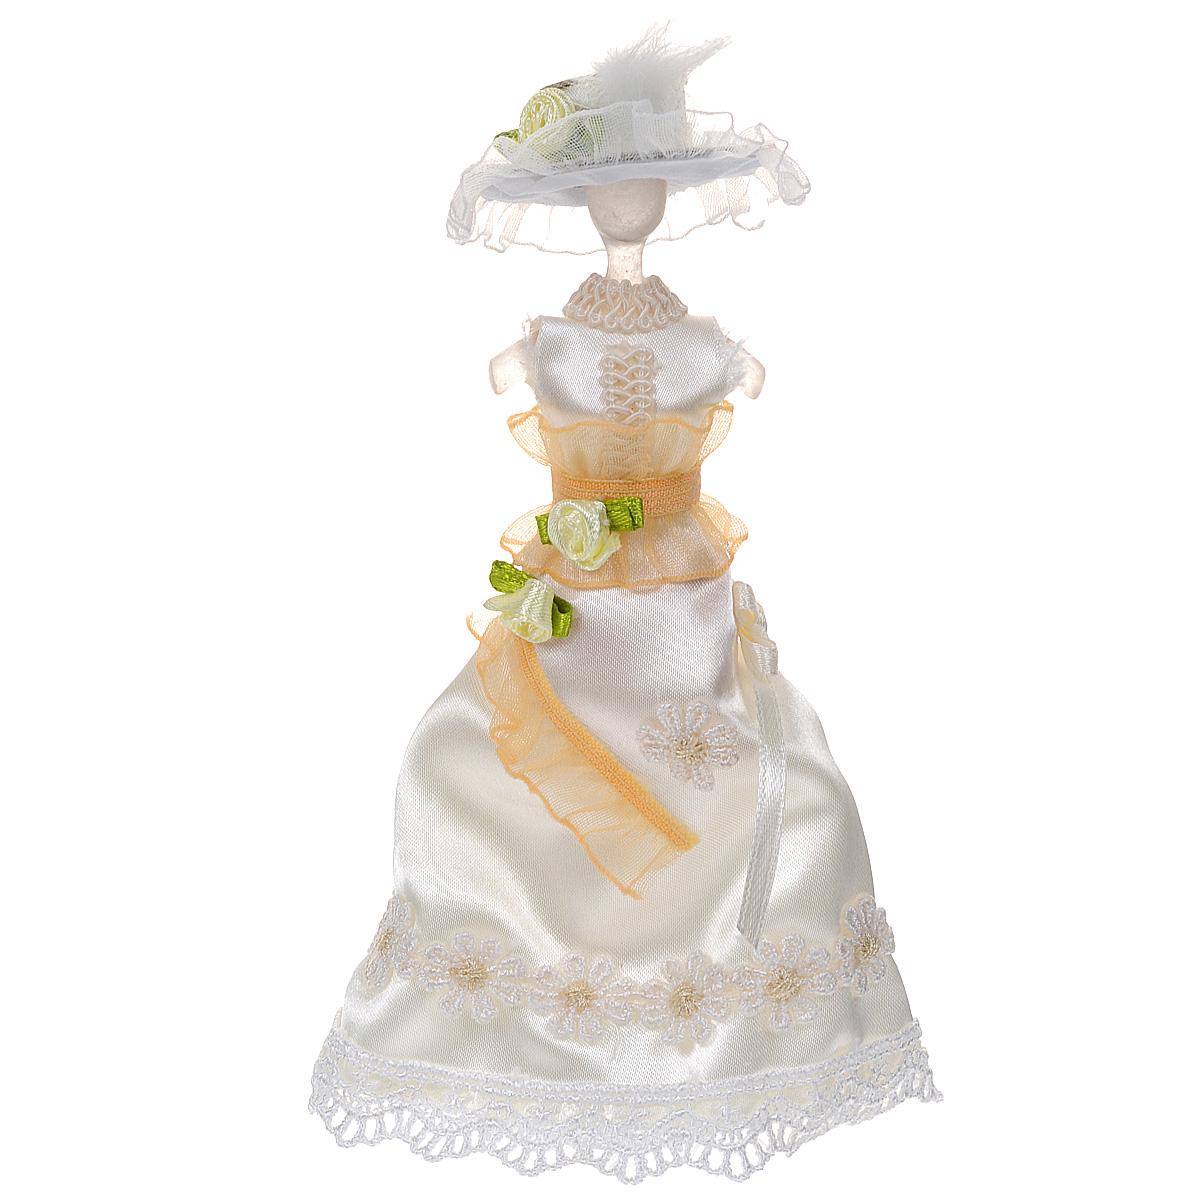 Миниатюра кукольная Art of Mini Платье на манекенеAM0101094